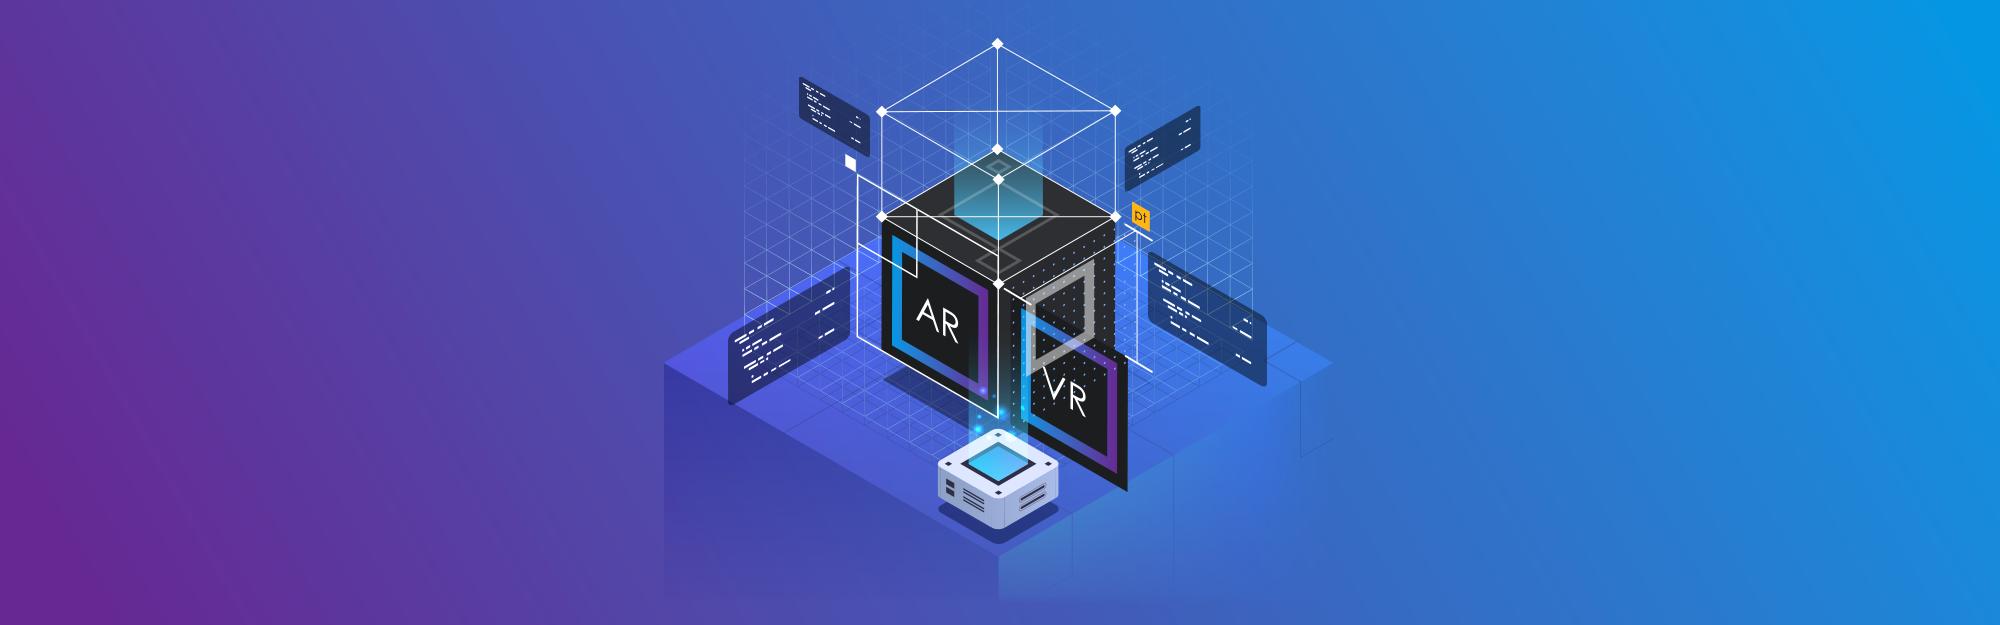 Realtà aumentata e realtà virtuale: gli esempi per Retail, Sport, Education e Automotive